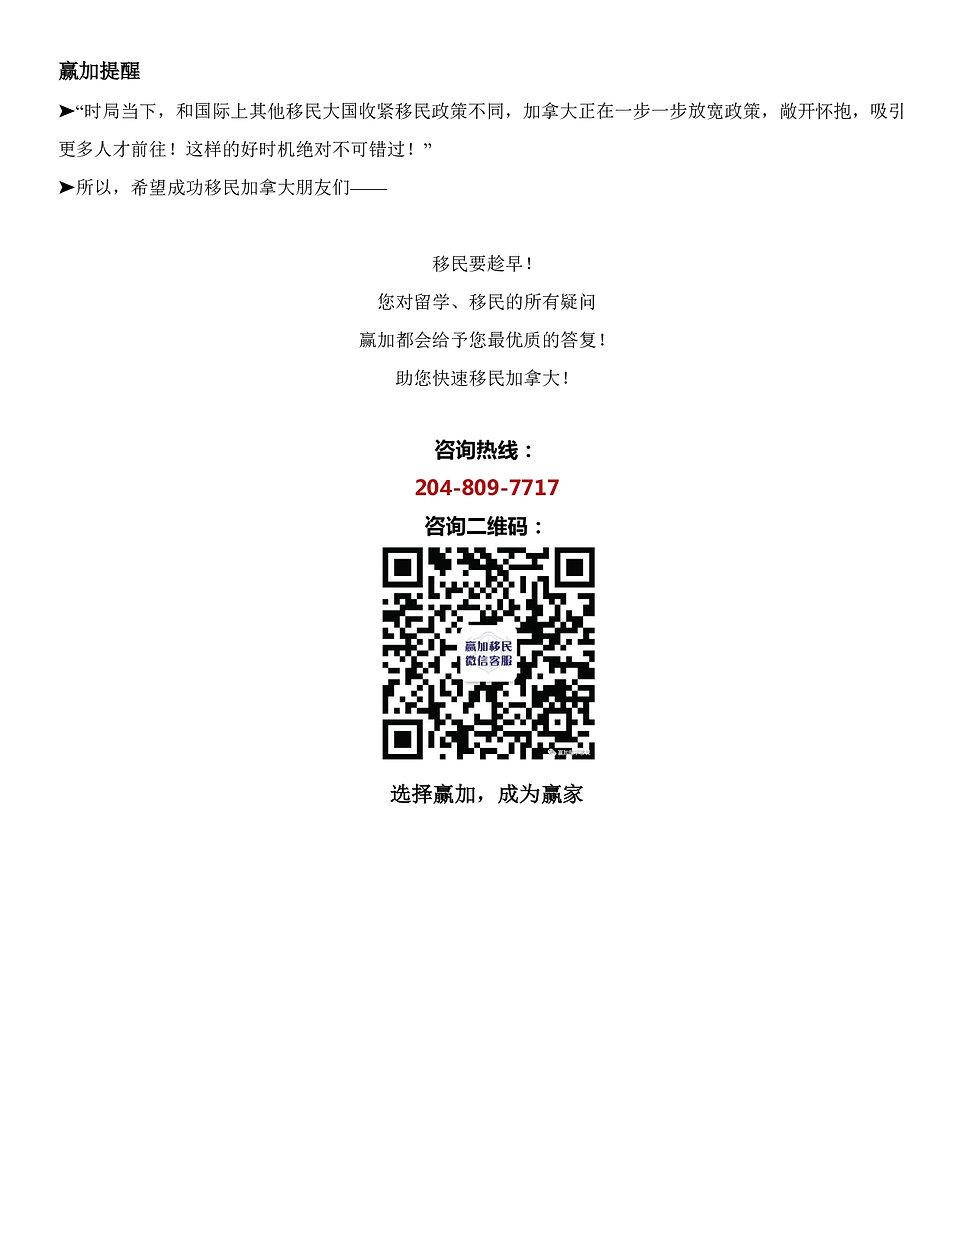 移民计划_page-0003.jpg